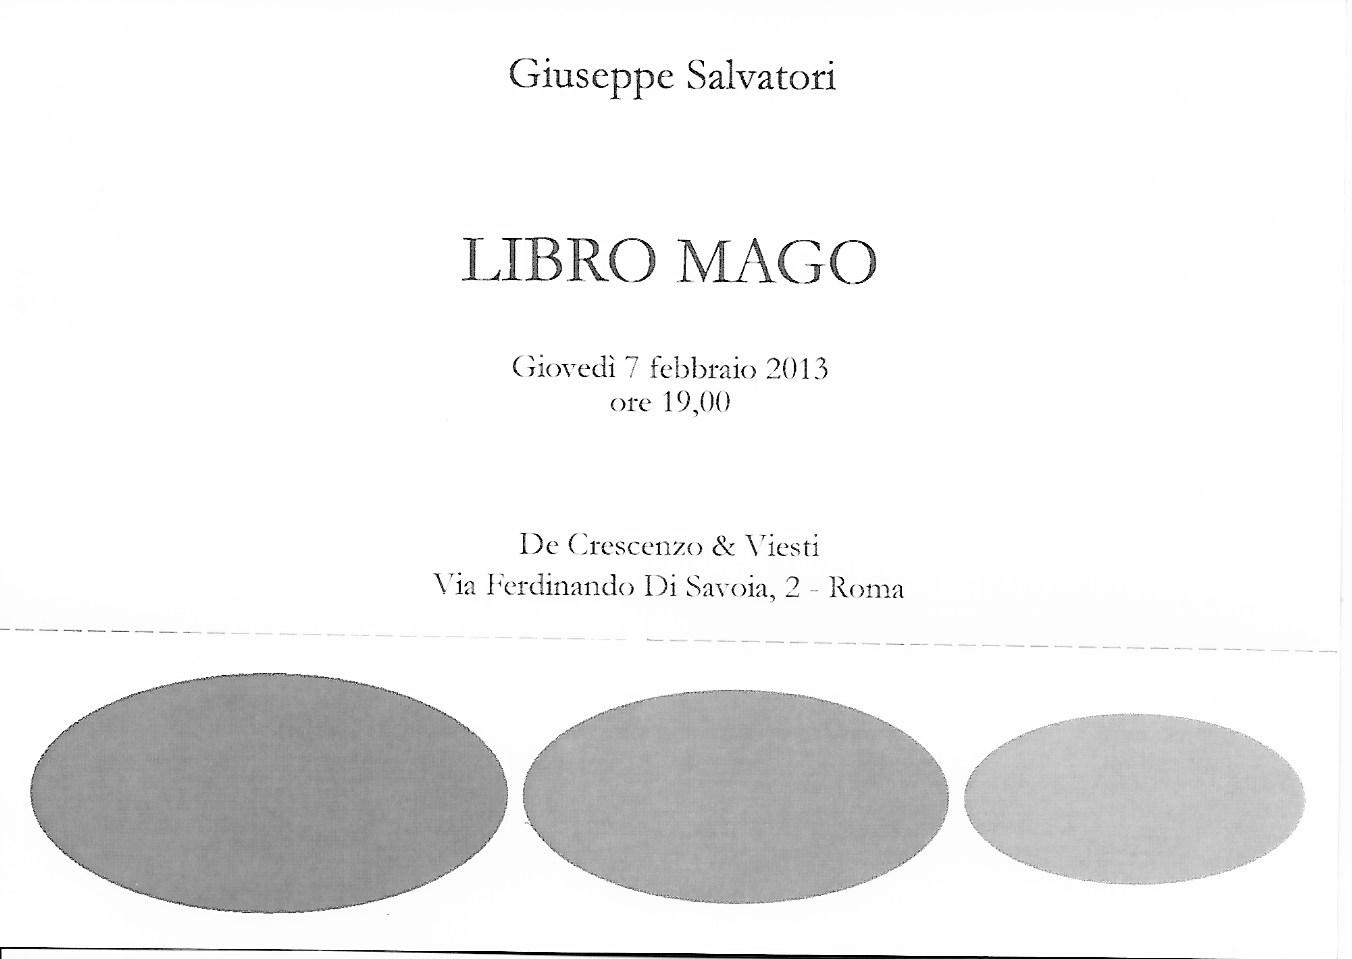 Giuseppe Salvatori – Libro Mago